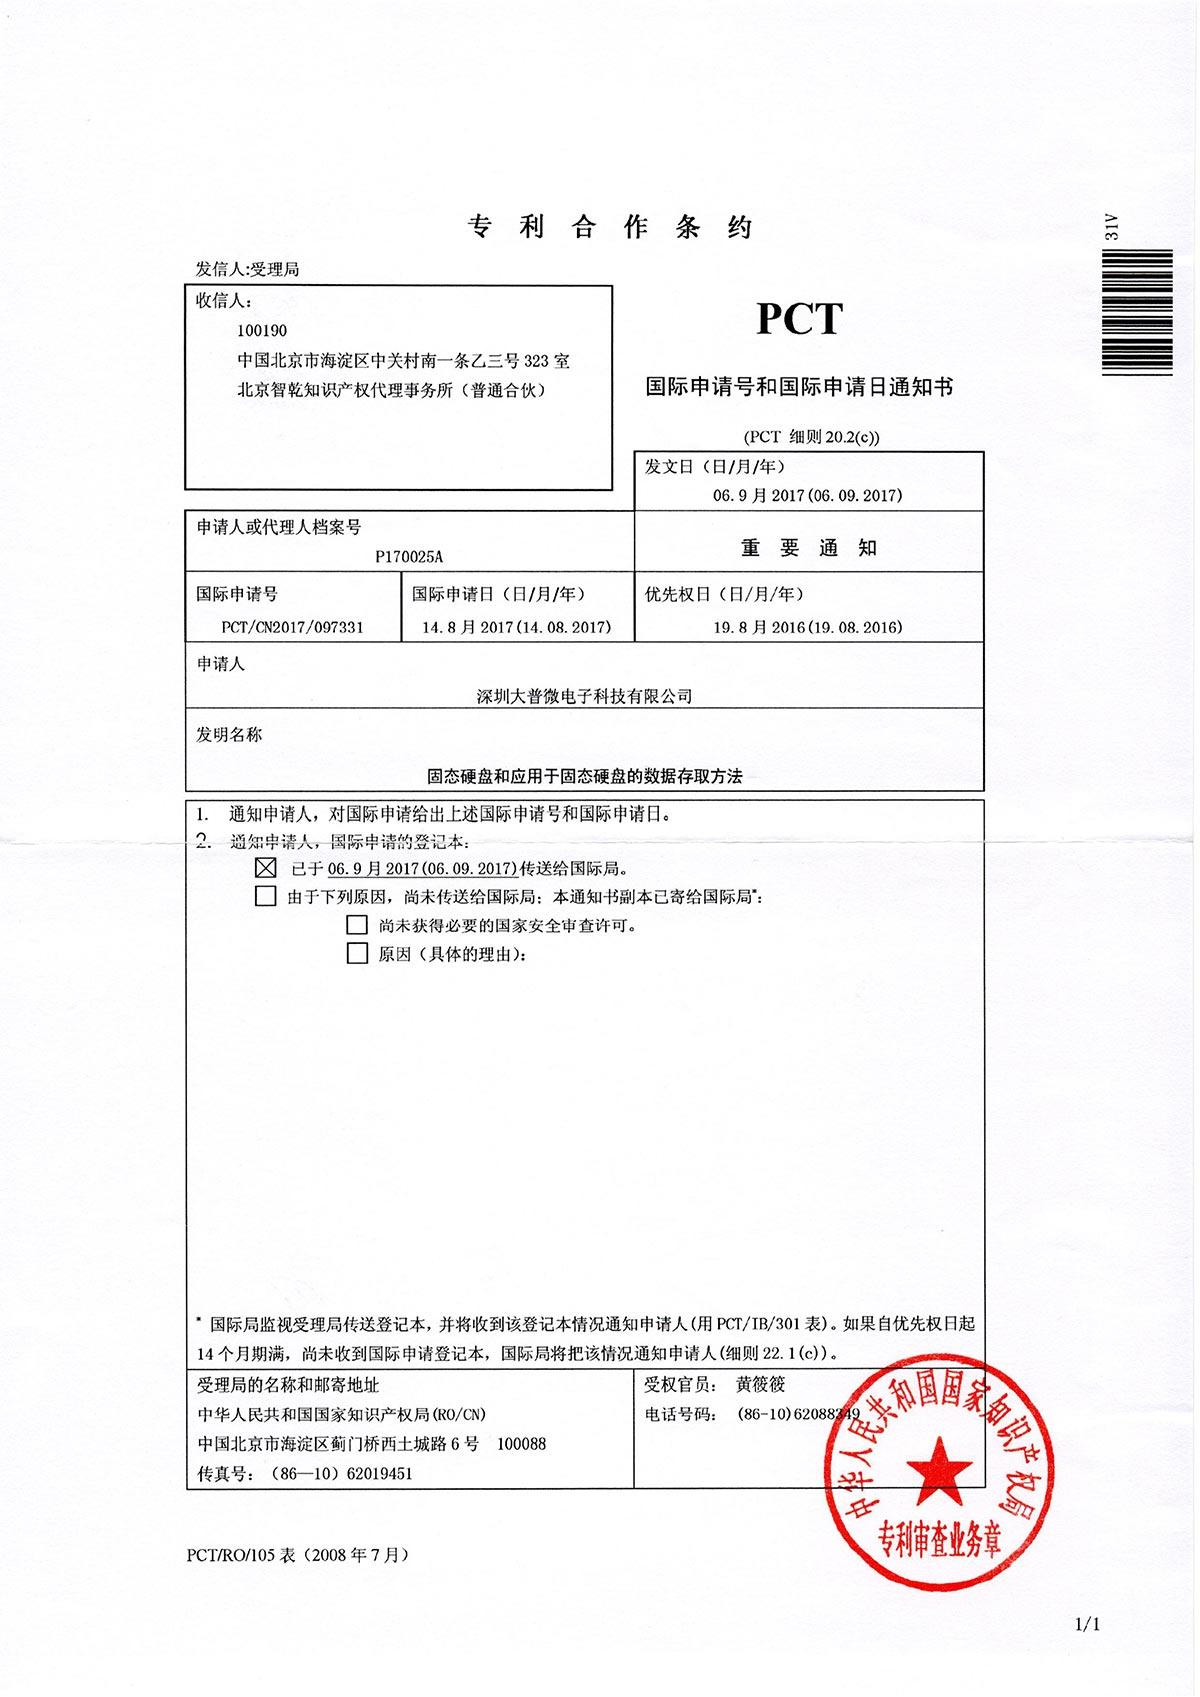 DPCT1-17002 105表 国际申请号和国际申请日通知书